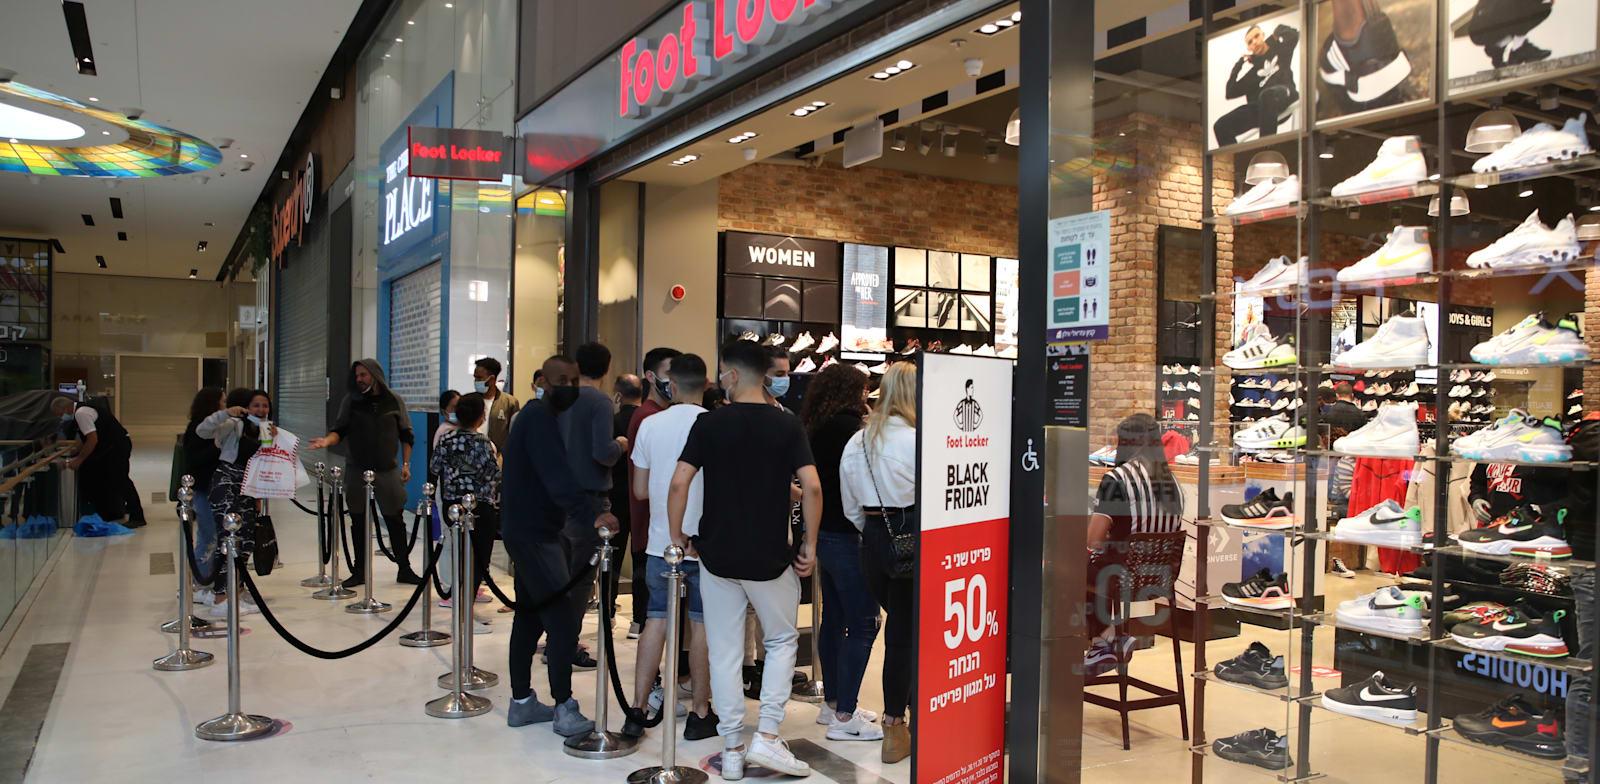 קניון איילון - פתיחת החנויות לאחר סגר / צילום: כדיה לוי